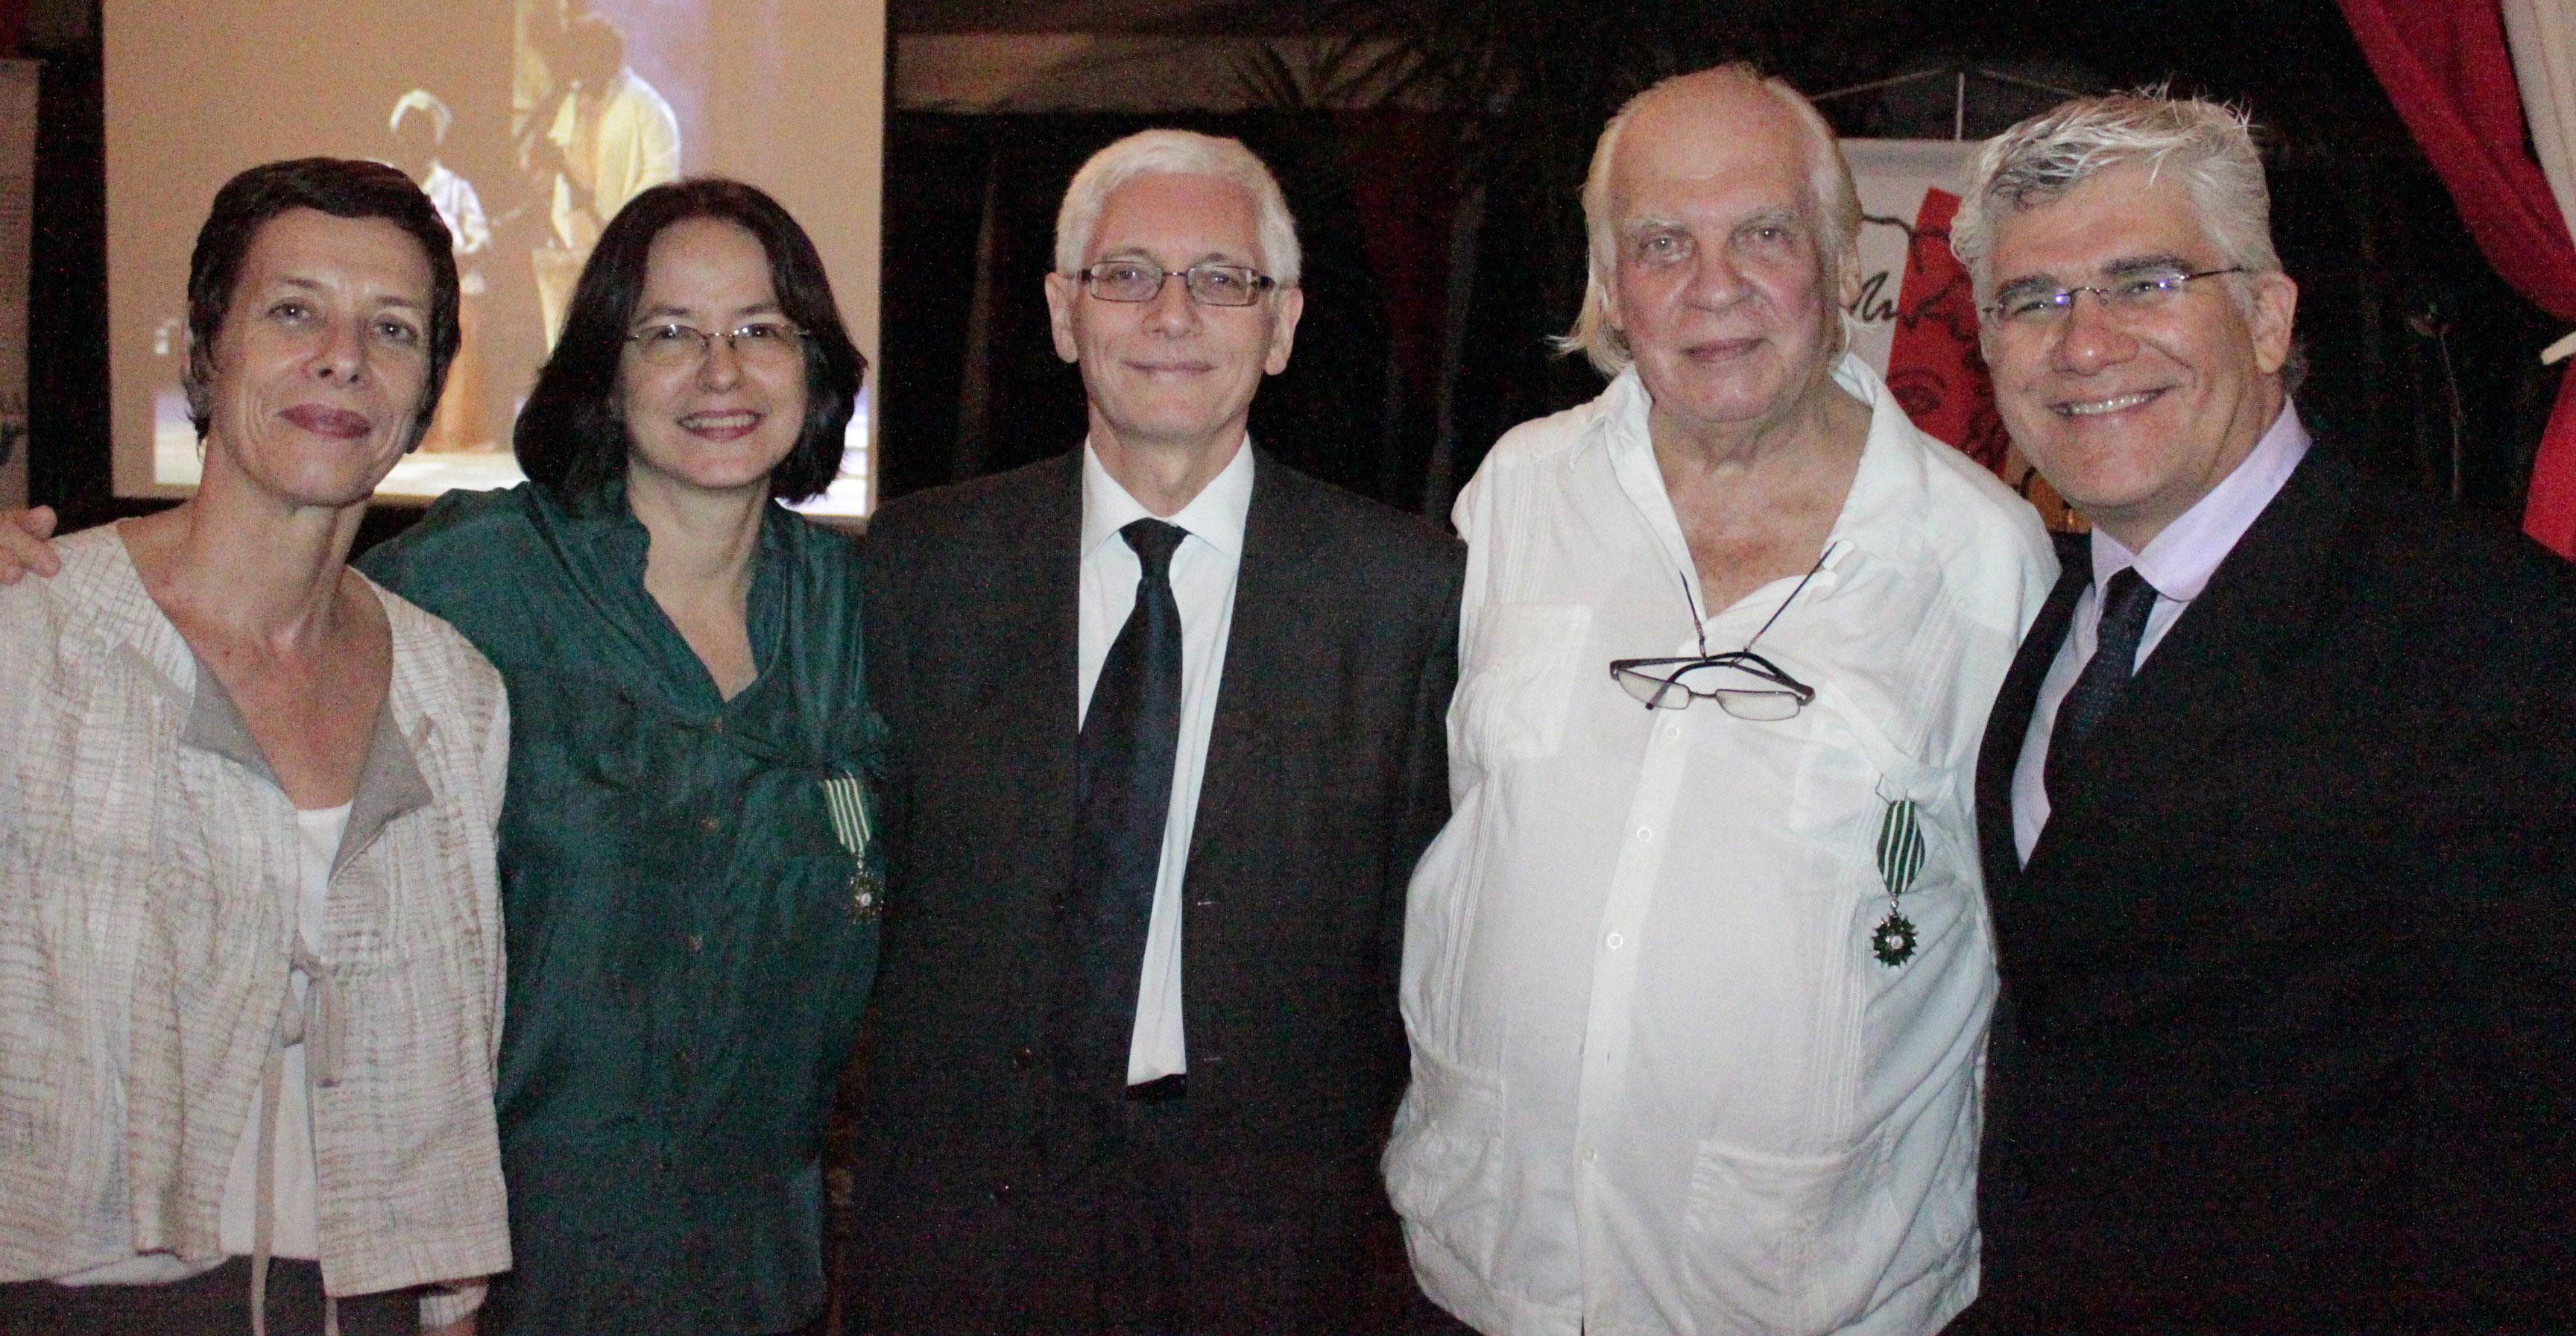 El embajador Jean-Marc Laforêt y su esposa Anne Louyot con los homenajeados y el director de El Diario de Caracas, Alfredo Sánchez.